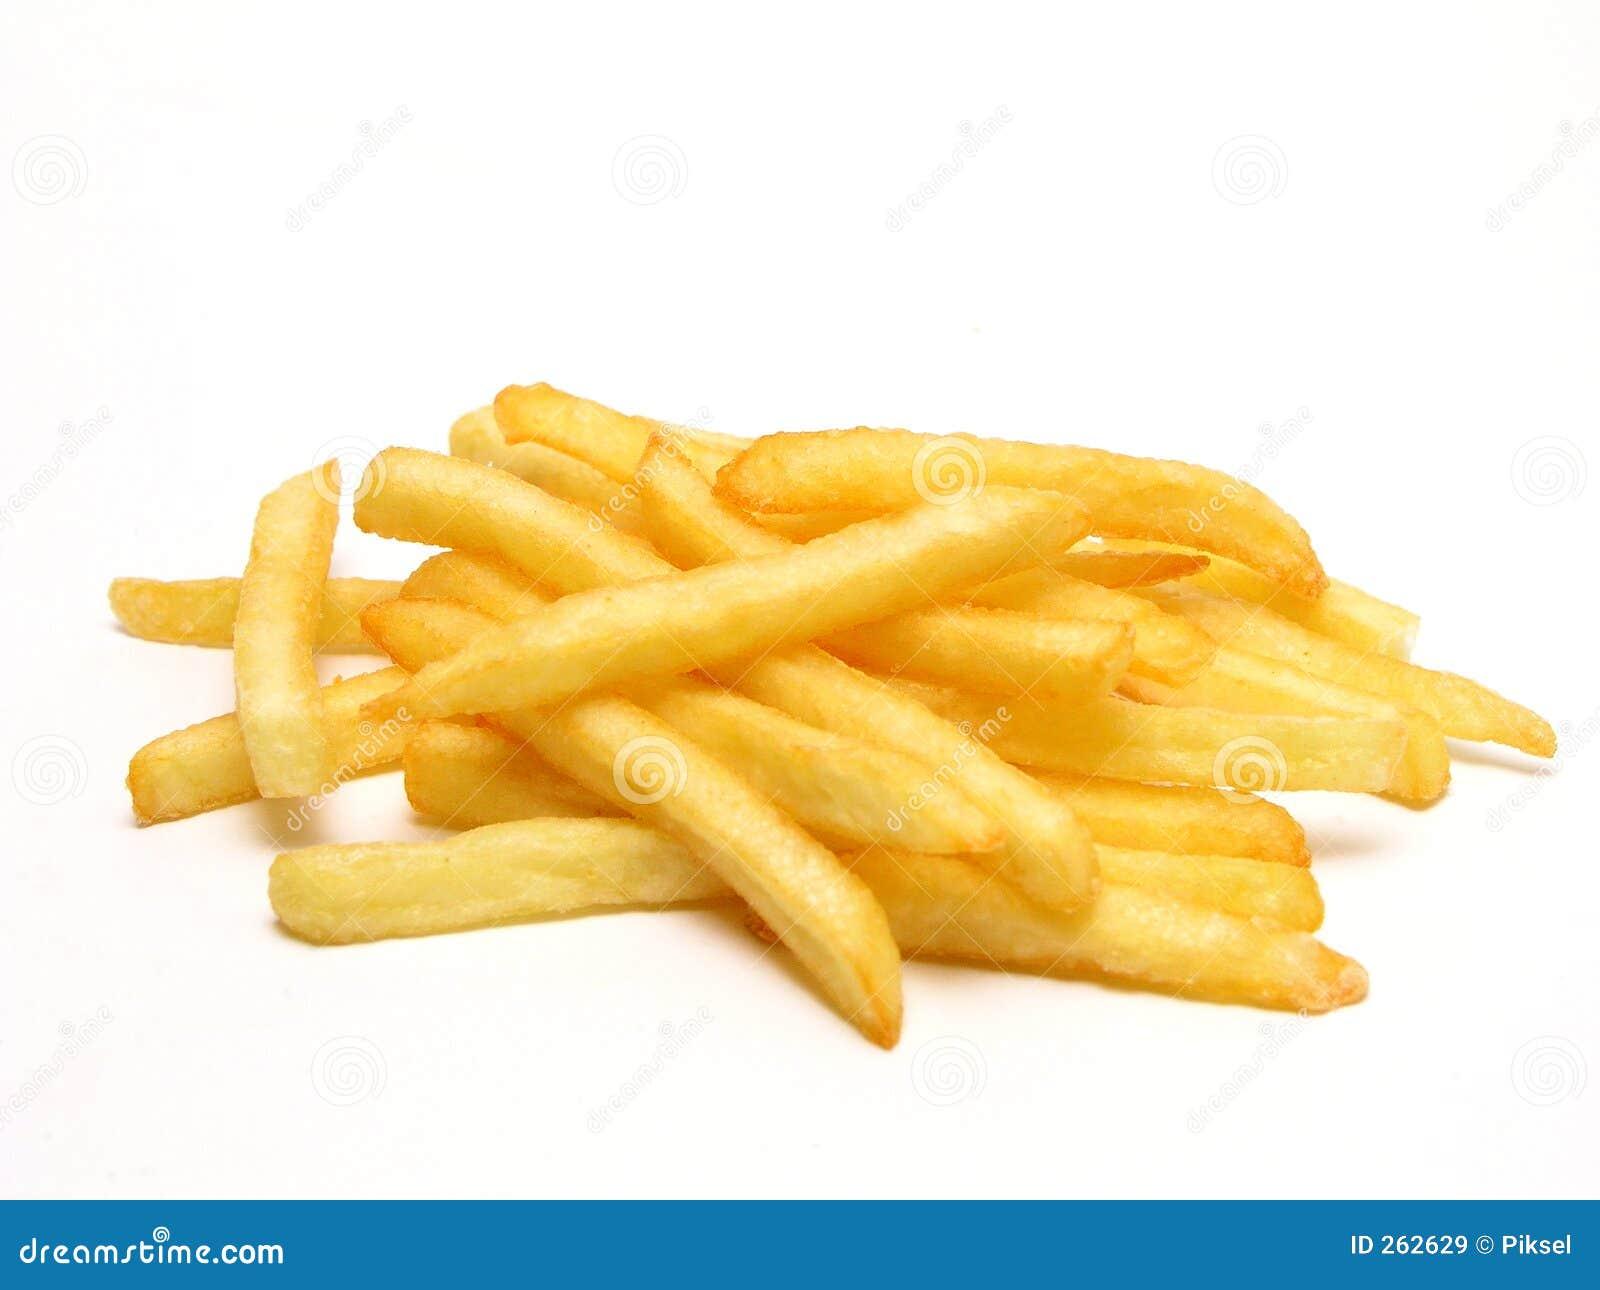 Fries франчуза